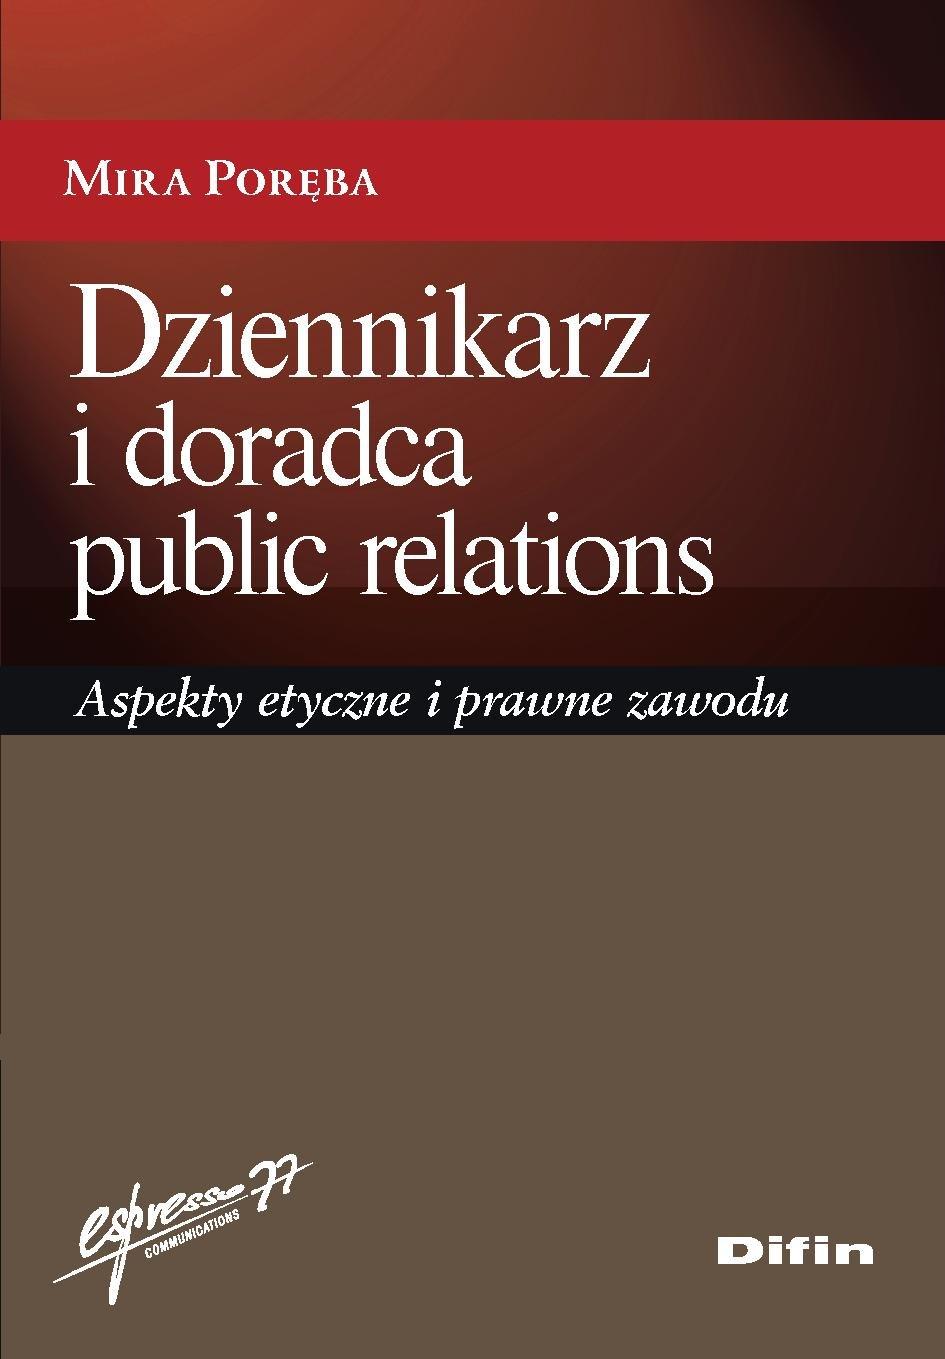 Dziennikarz i doradca public relations. Aspekty etyczne i prawne zawodu - Ebook (Książka PDF) do pobrania w formacie PDF